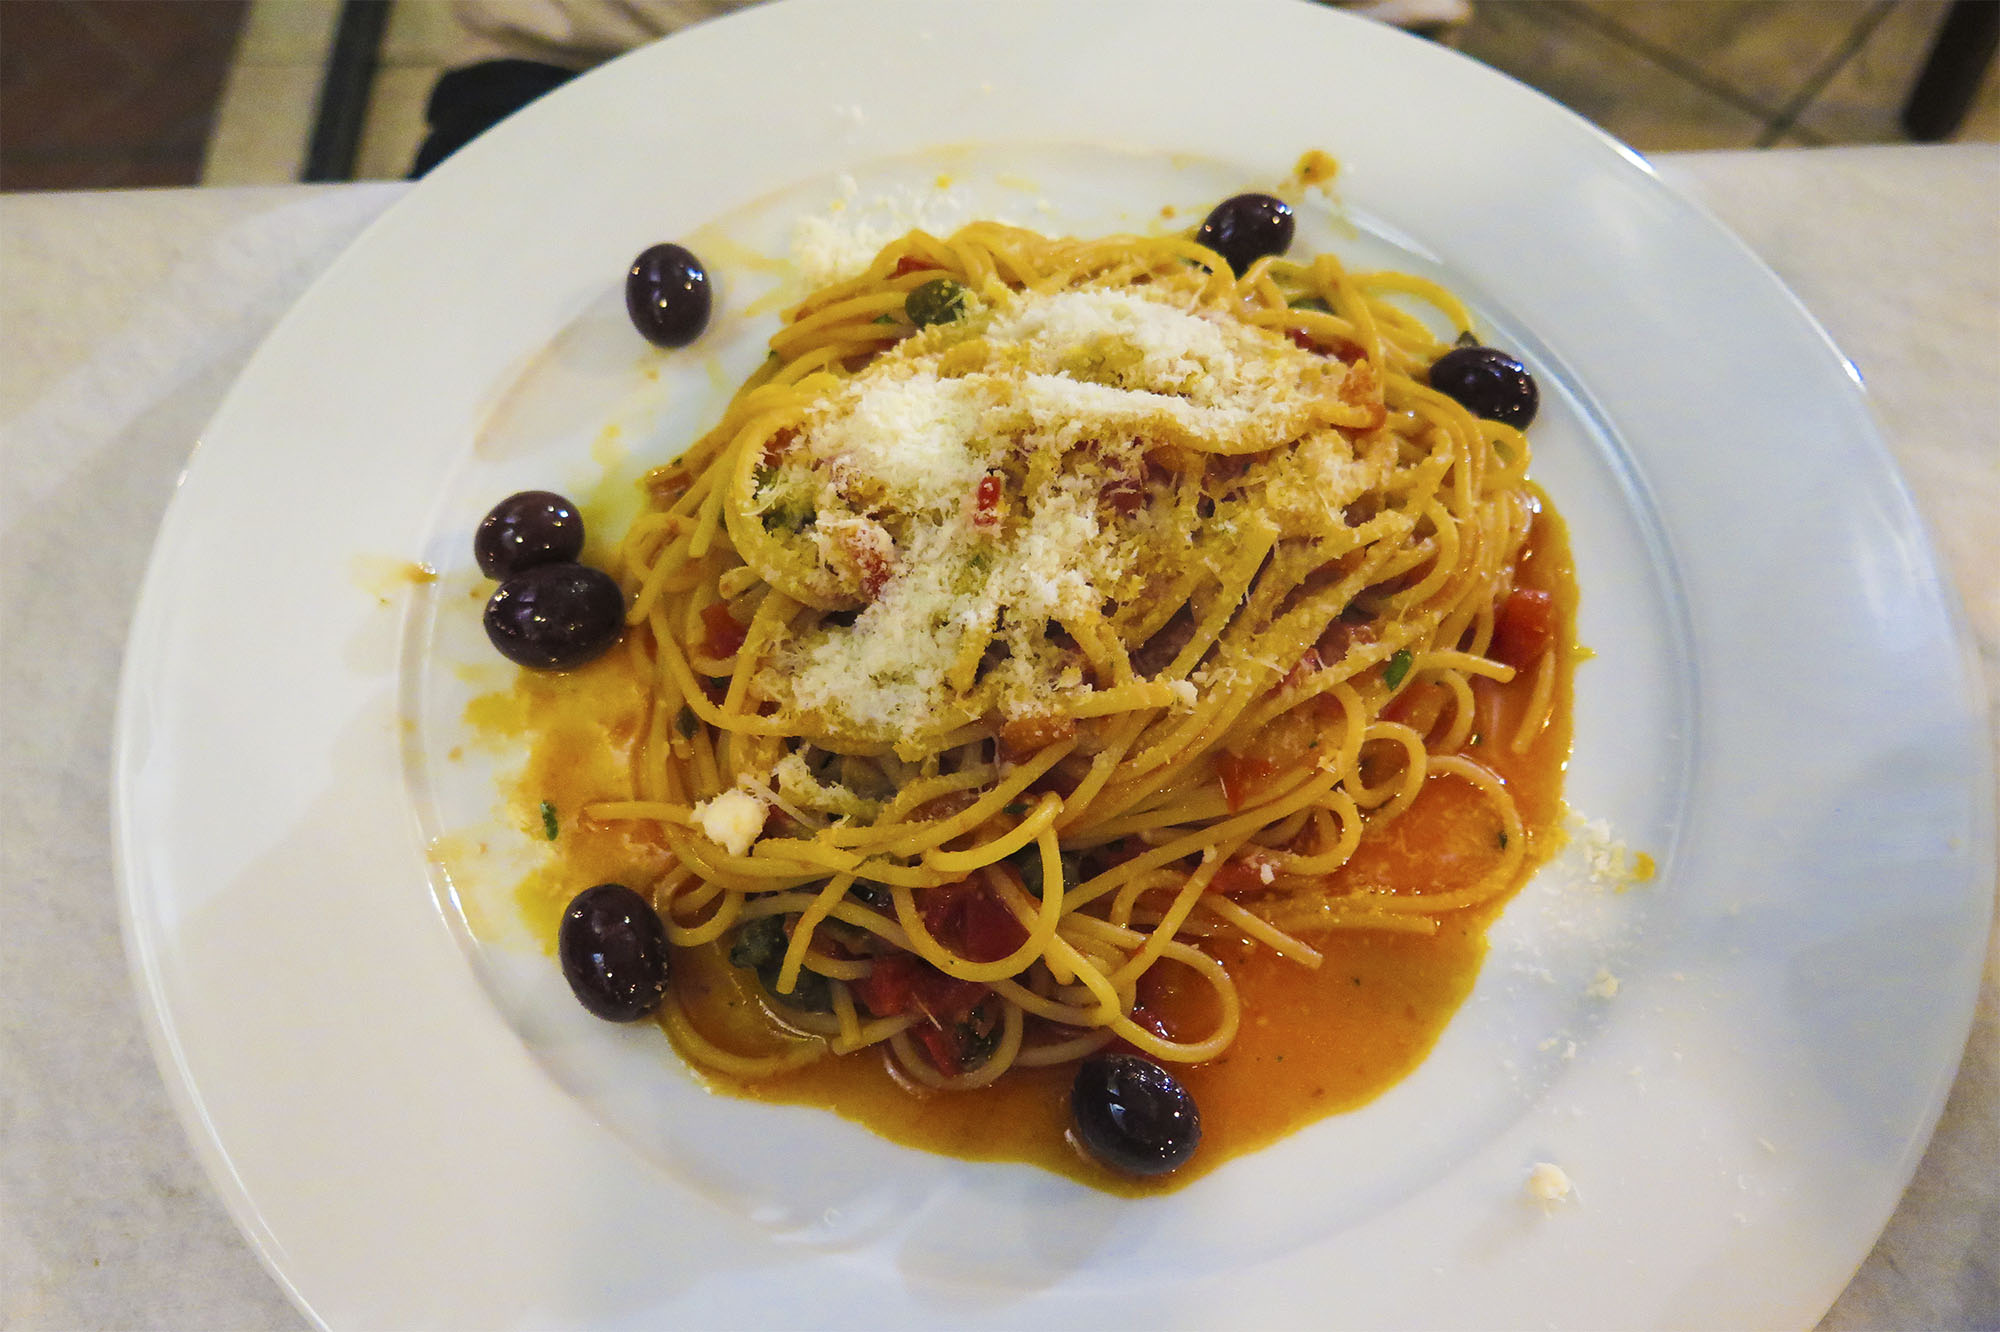 Mathias tog pasta, och jag smakade en bit och tyckte till och med själv att det var gott, trots att jag aldrig gillat pasta. Men riktig italiensk pasta är lite annorlunda jämfört med mina hårdkokta makaroner hemma i Grundtjärn.